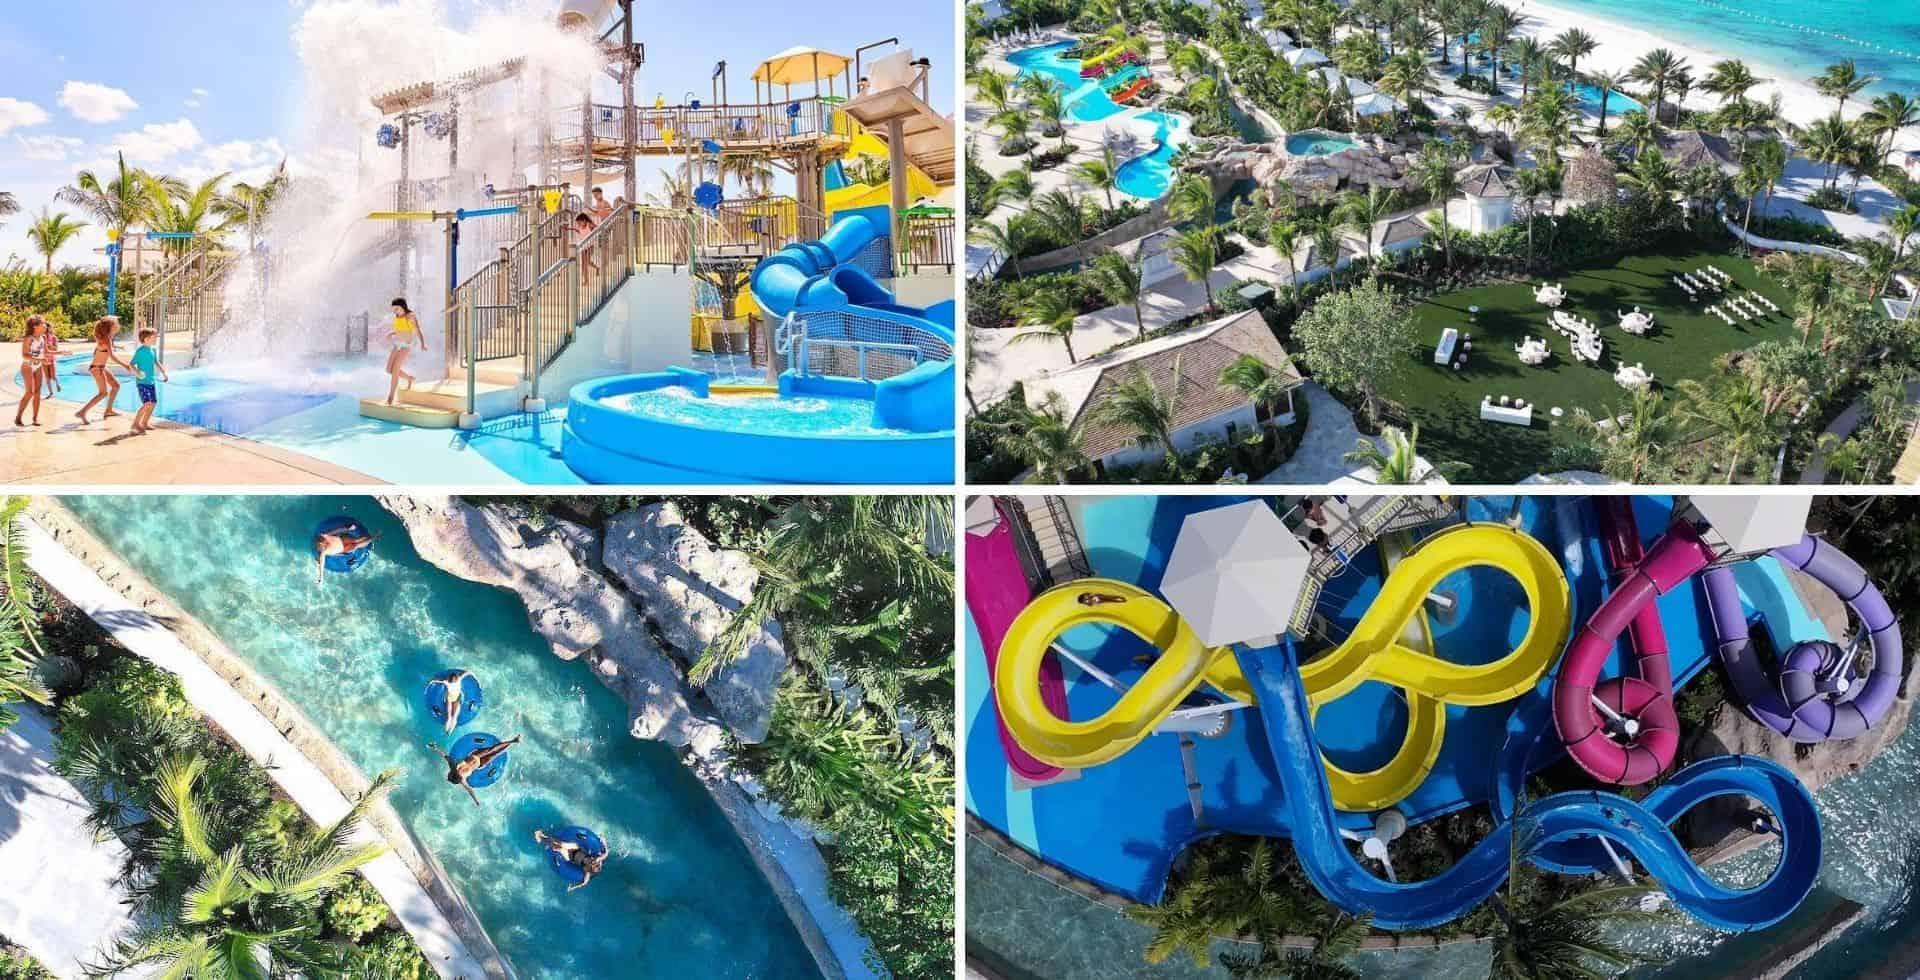 Baha Bay, el nuevo parque acuático de Baha Mar, en Bahamas, abrirá sus puertas a partir de Julio 2021